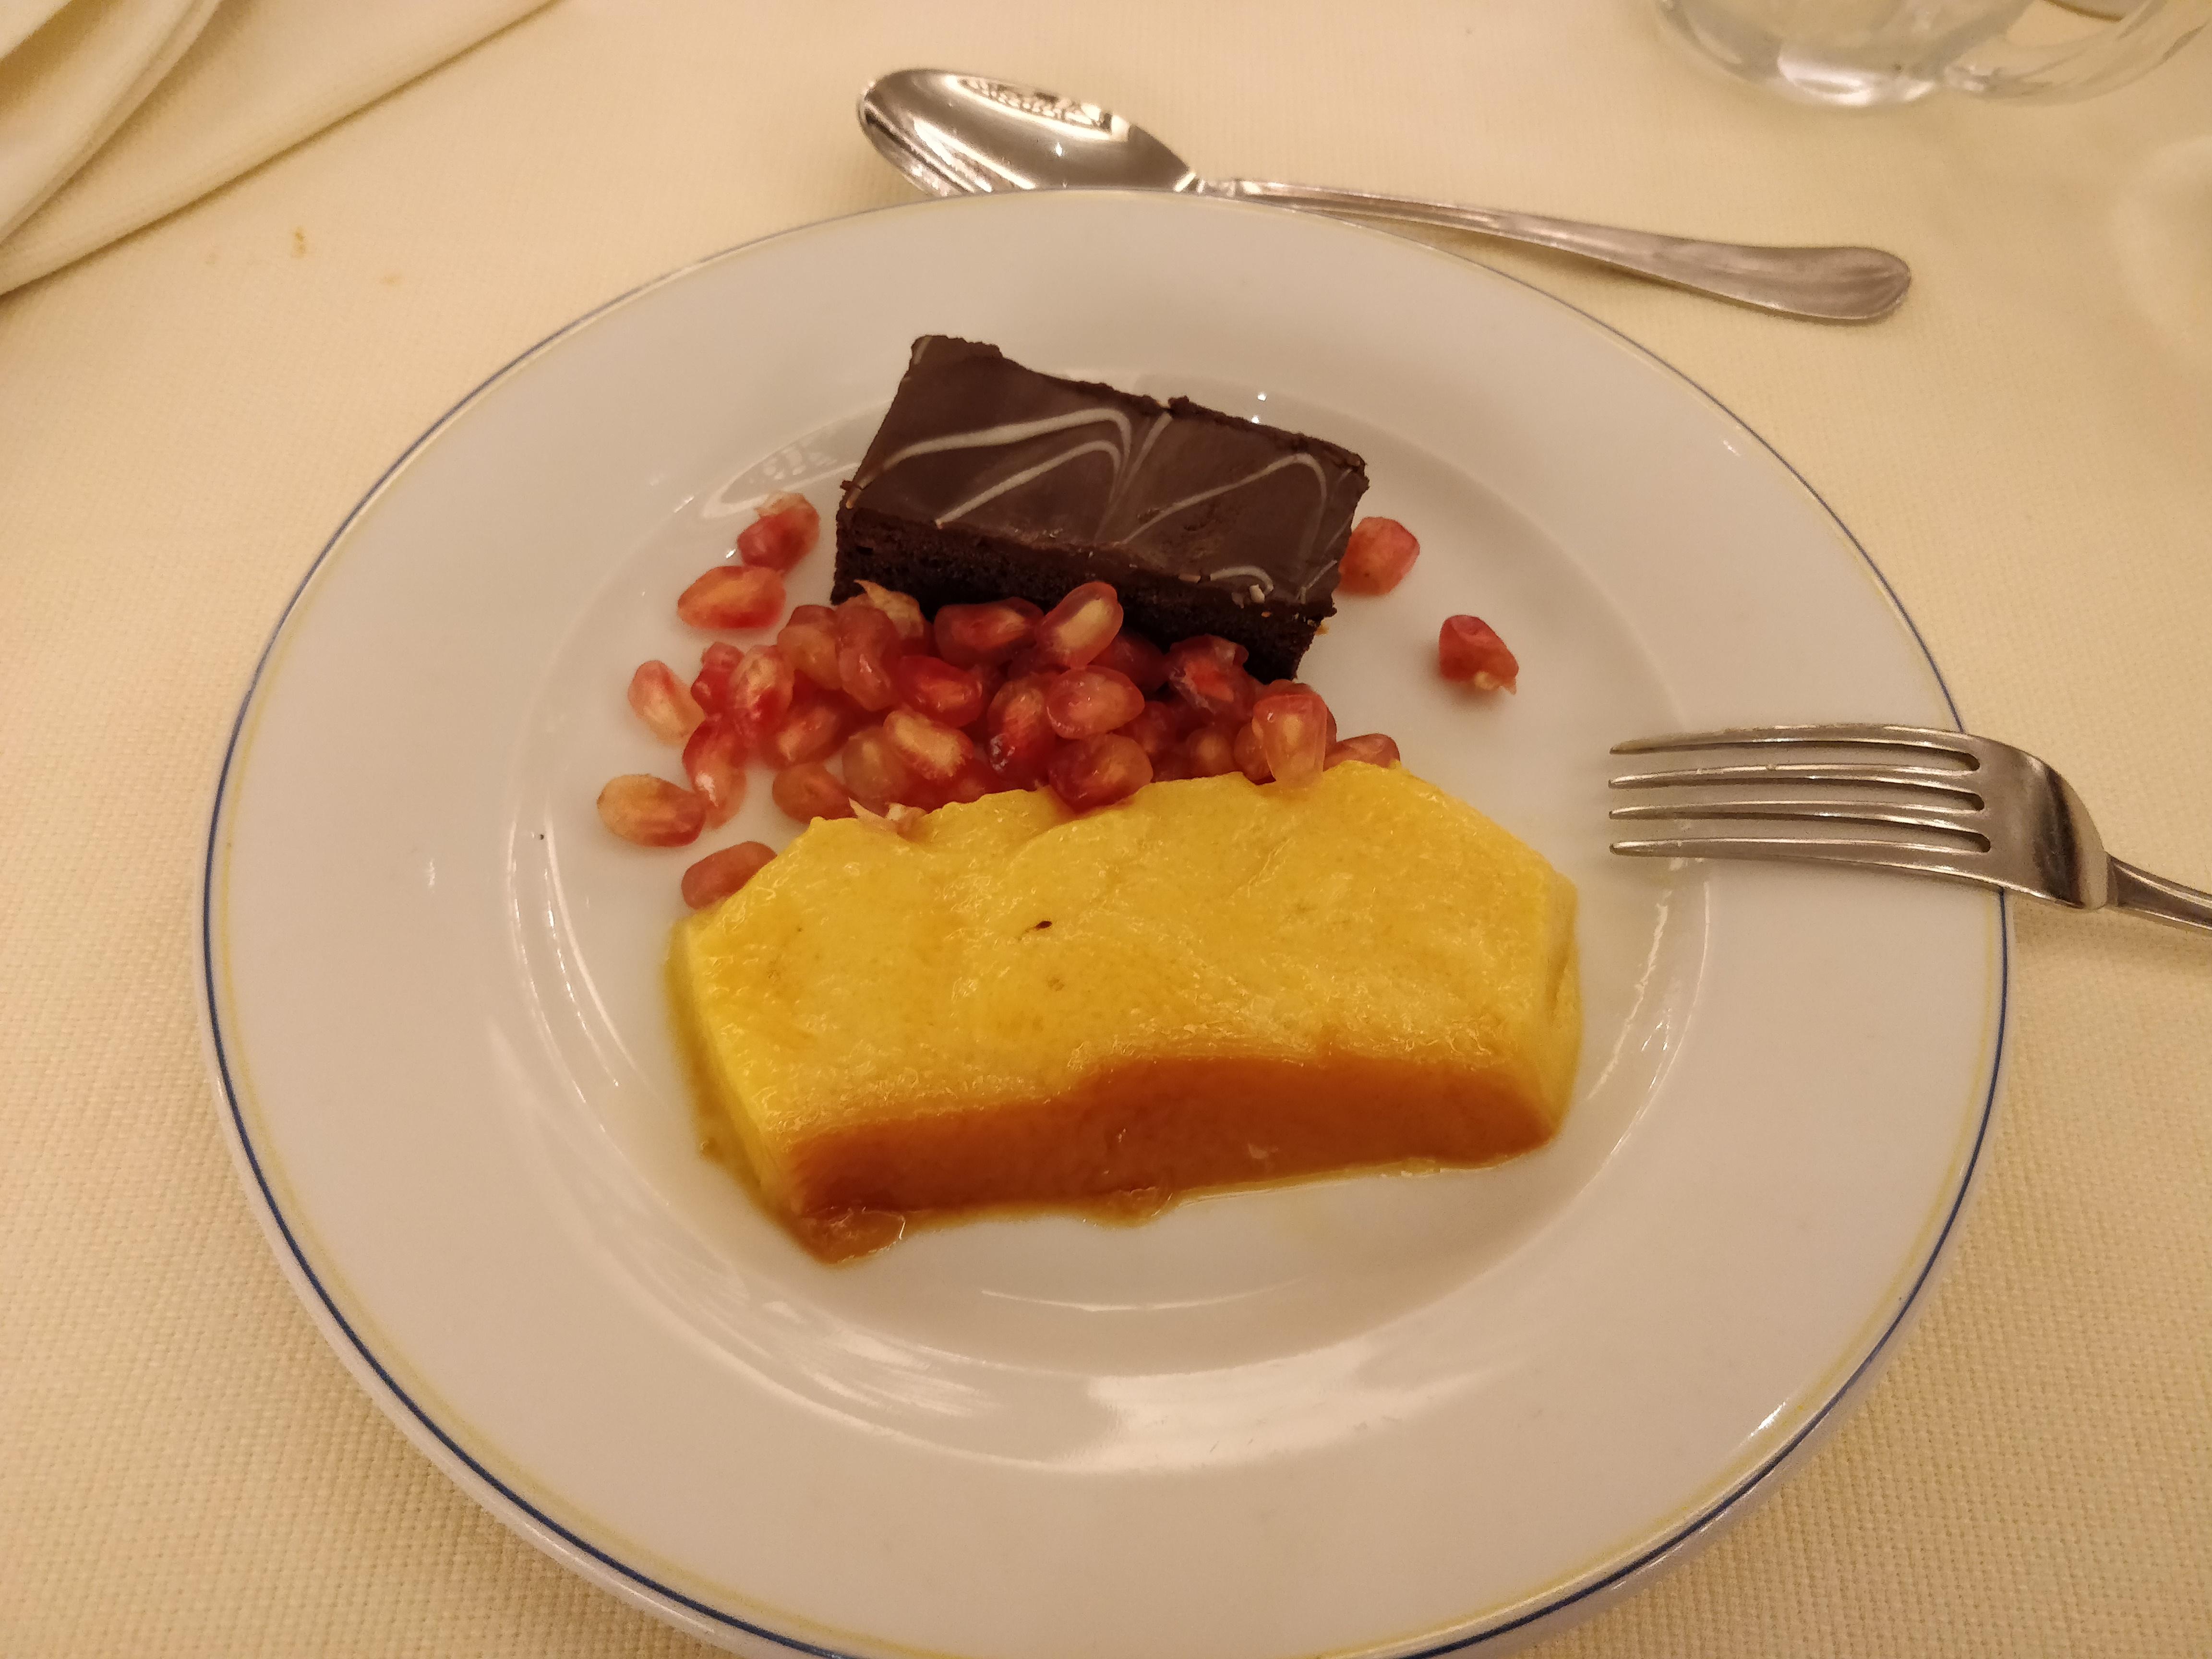 http://foodloader.net/nico_2018-10-27_royal-el-mansour-6.jpg